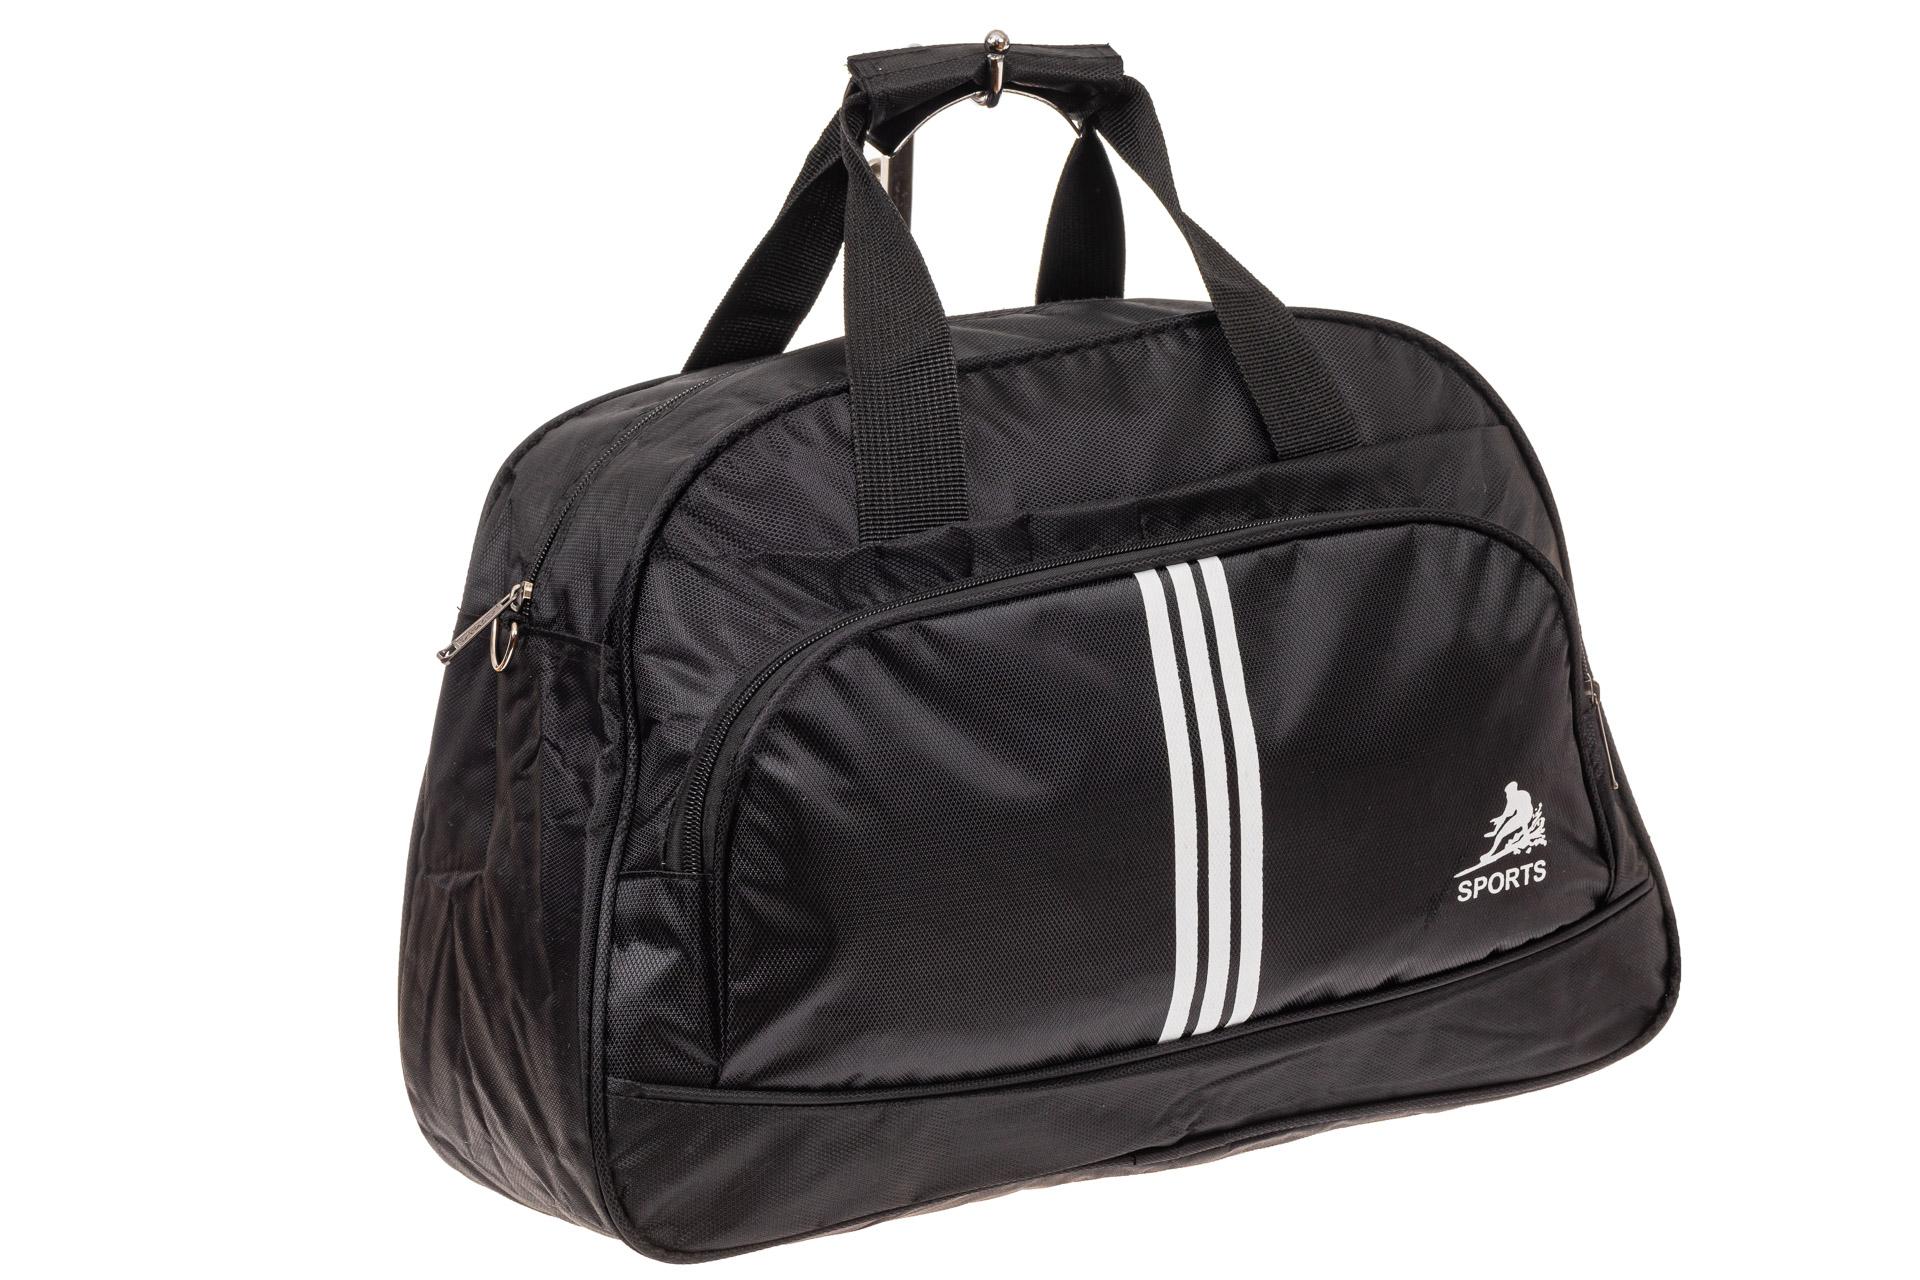 Спортивная сумка из текстиля, цвет черный1622DS0120/1